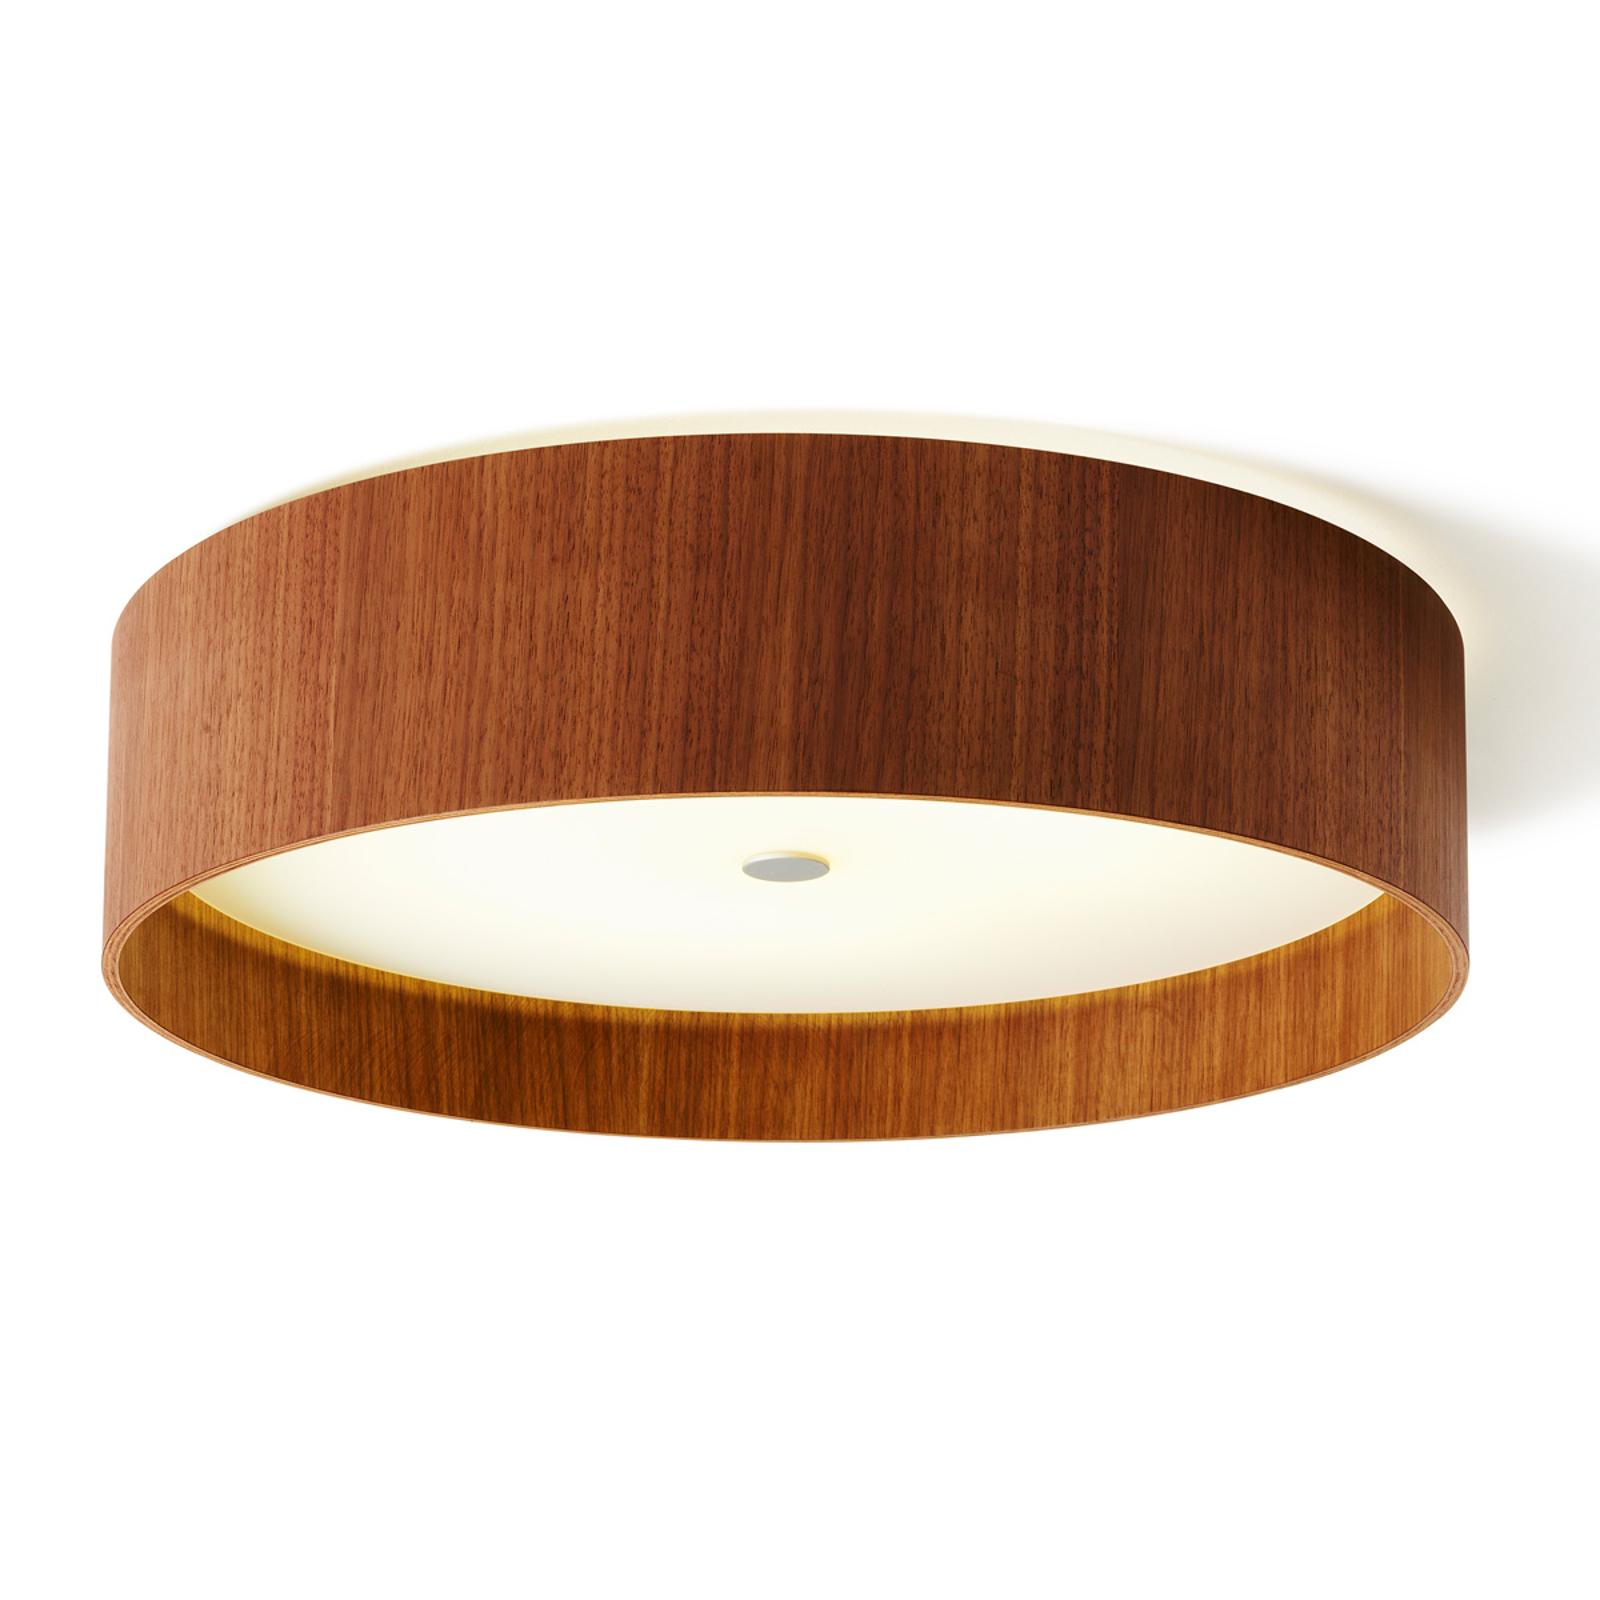 Lara wood - LED loftlampe i nøddetræ, 55 cm